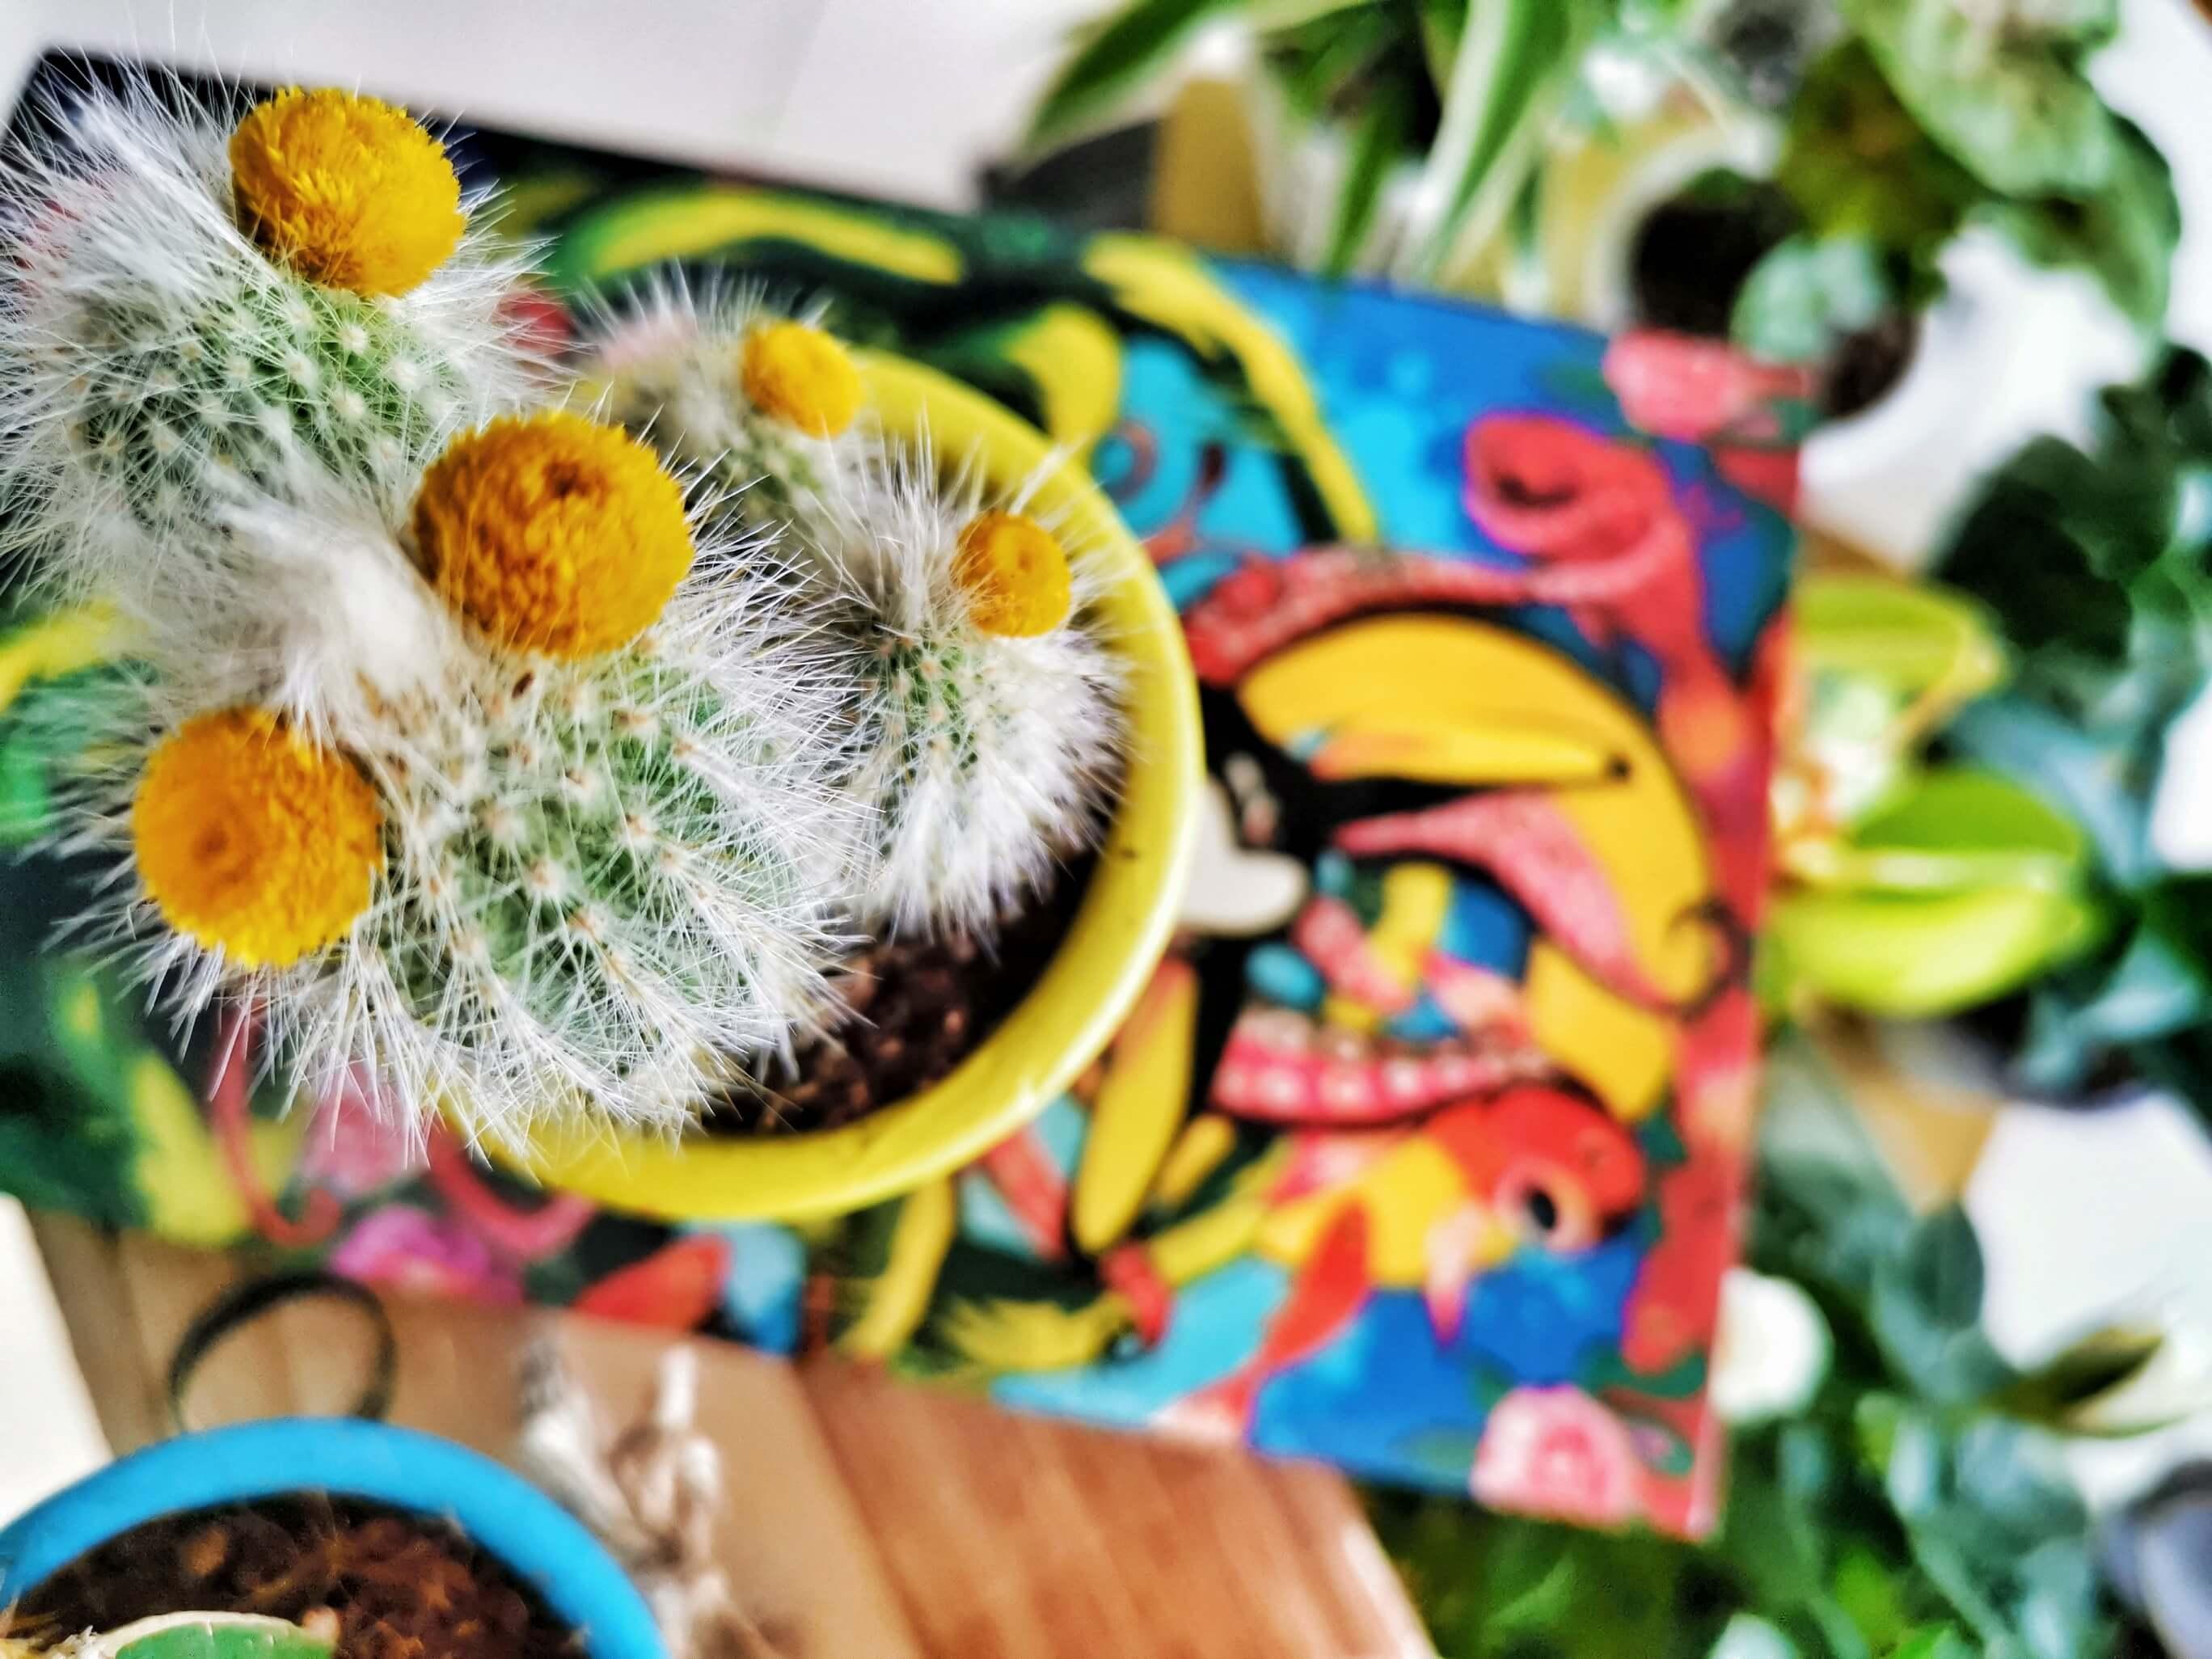 IMG 20190612 131901 01 resized 20190616 084245370 - Recyklujeme kreatívne: Kvetináče v piatich rôznych štýloch